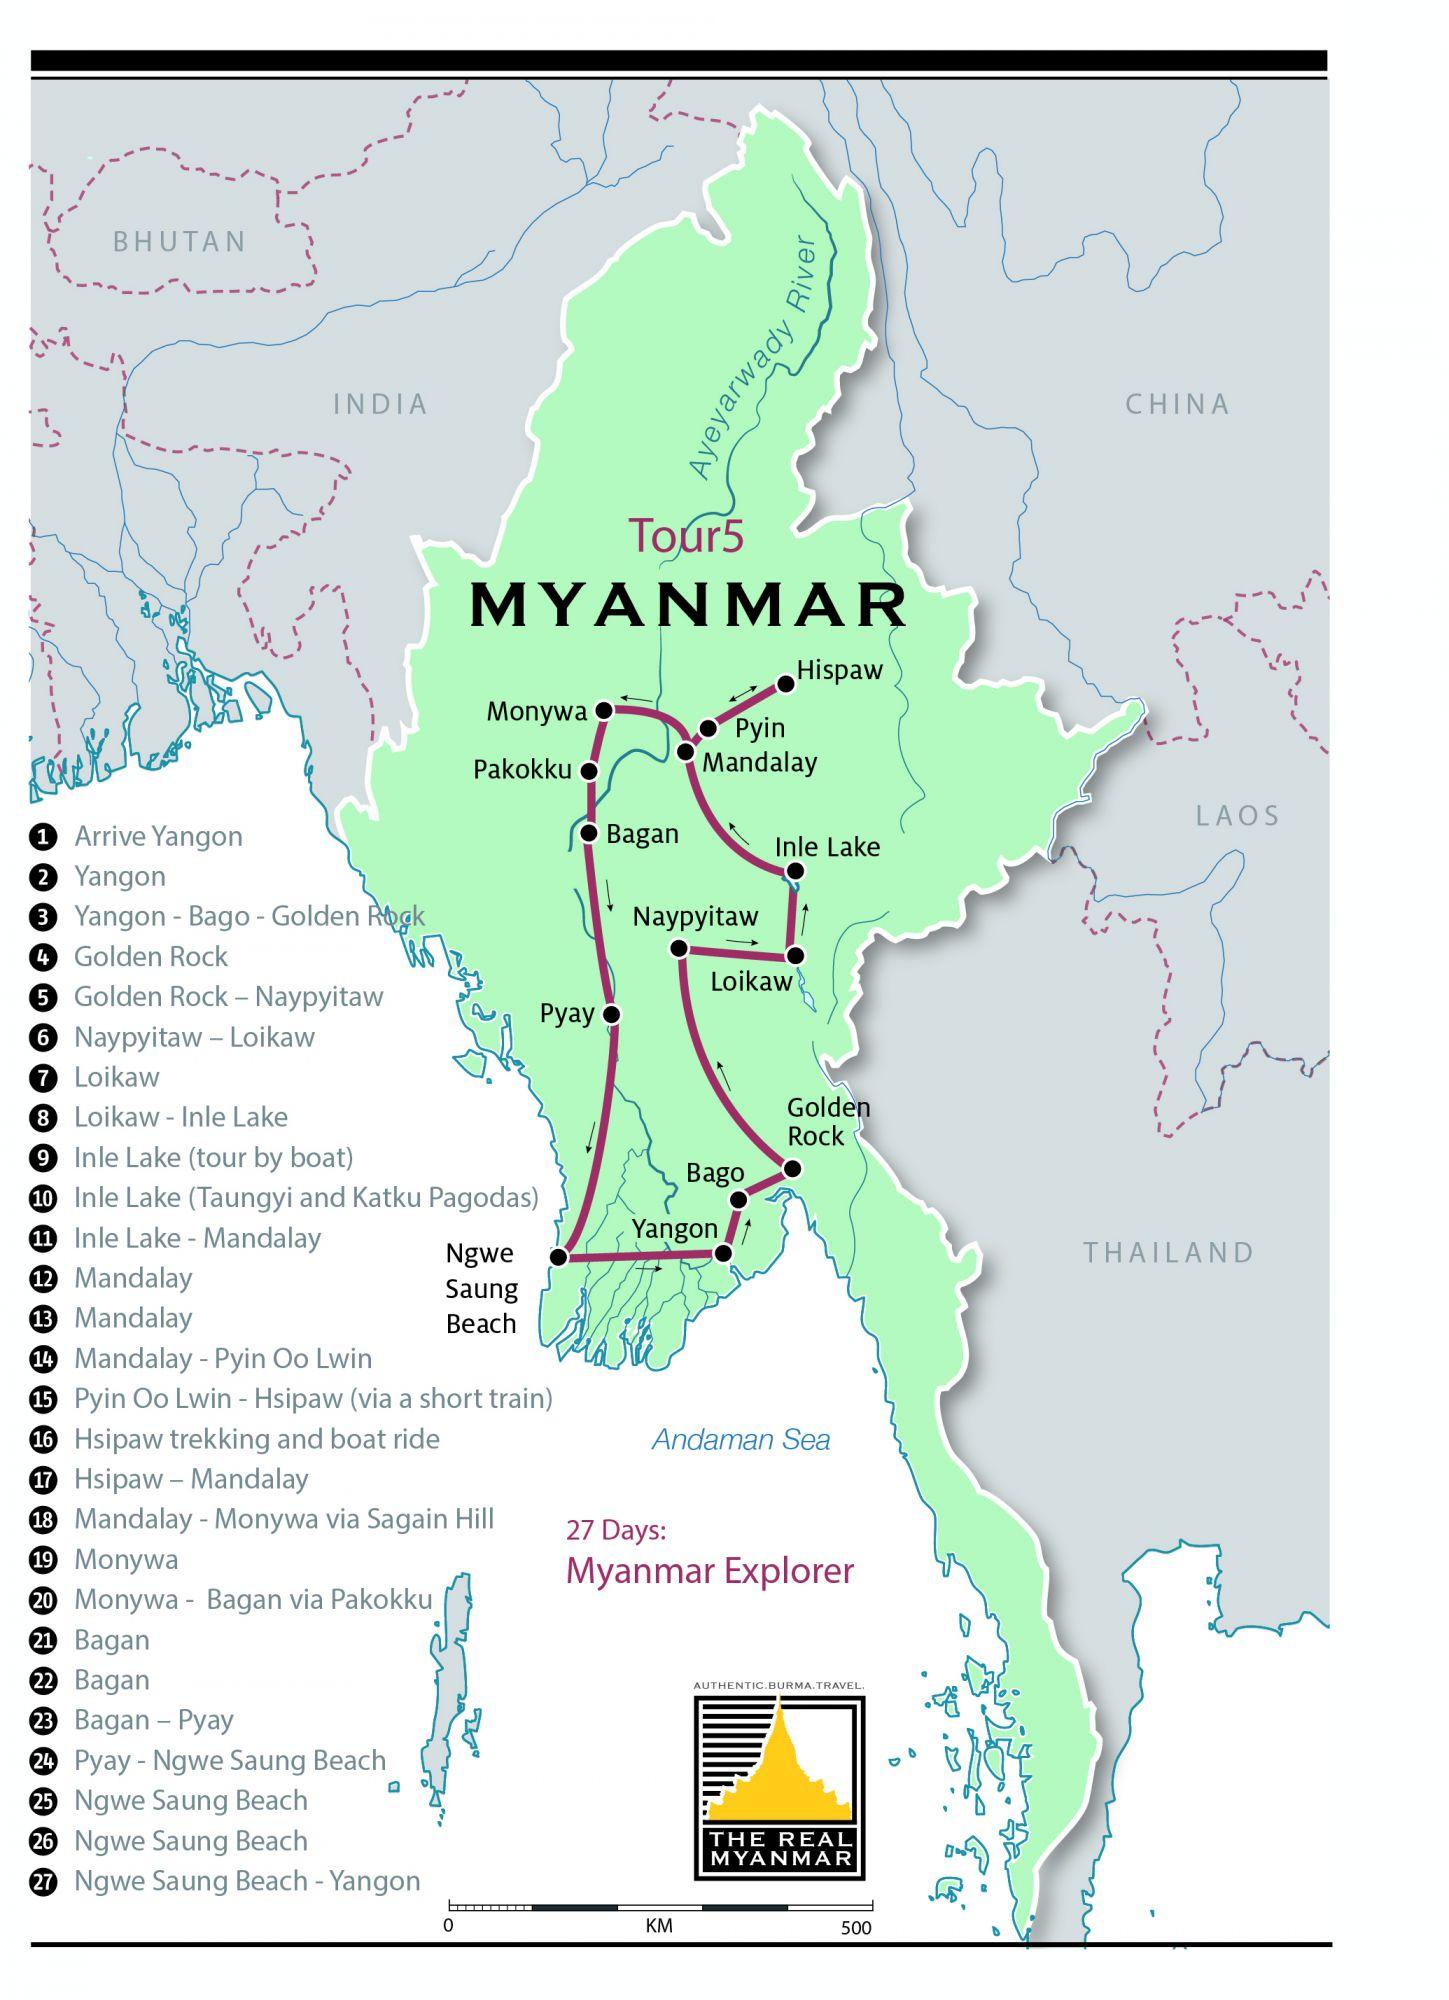 Myanmar Explorer THE REAL MYANMAR AUTHENTICTRAVEL